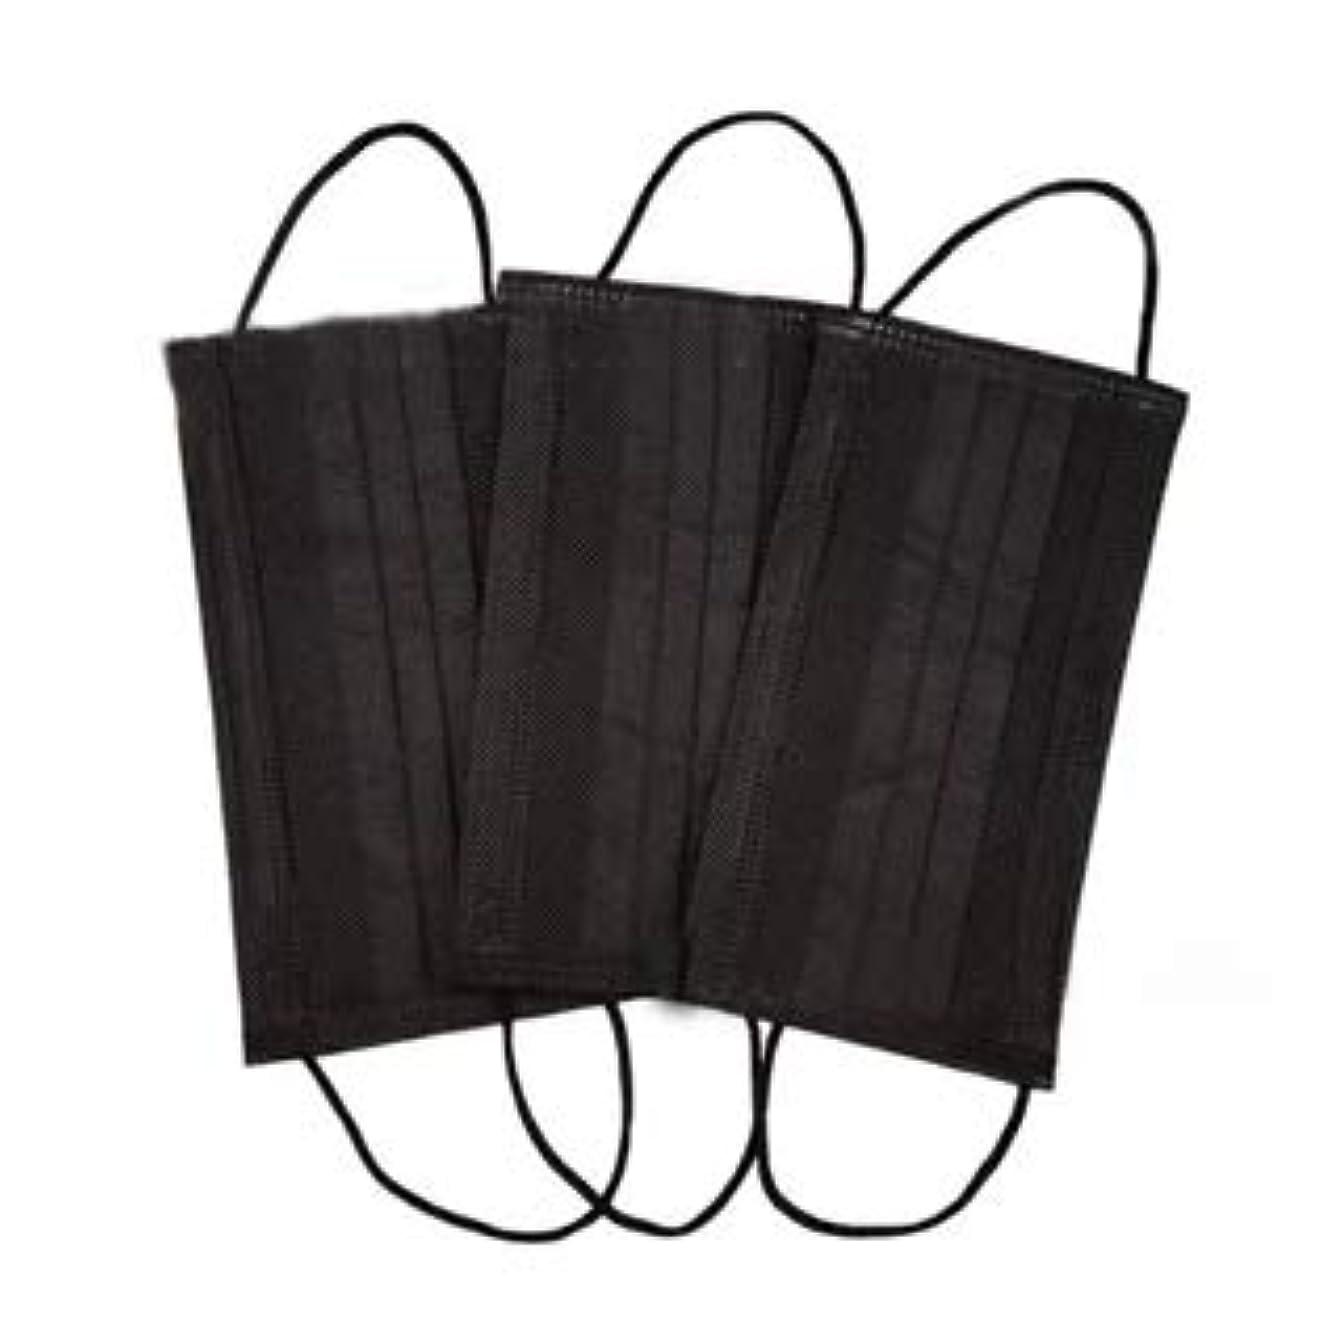 フェローシップ刺激する咳使い捨てマスク ブラック 6枚入り 不織布 フェイスマスク mask 黒